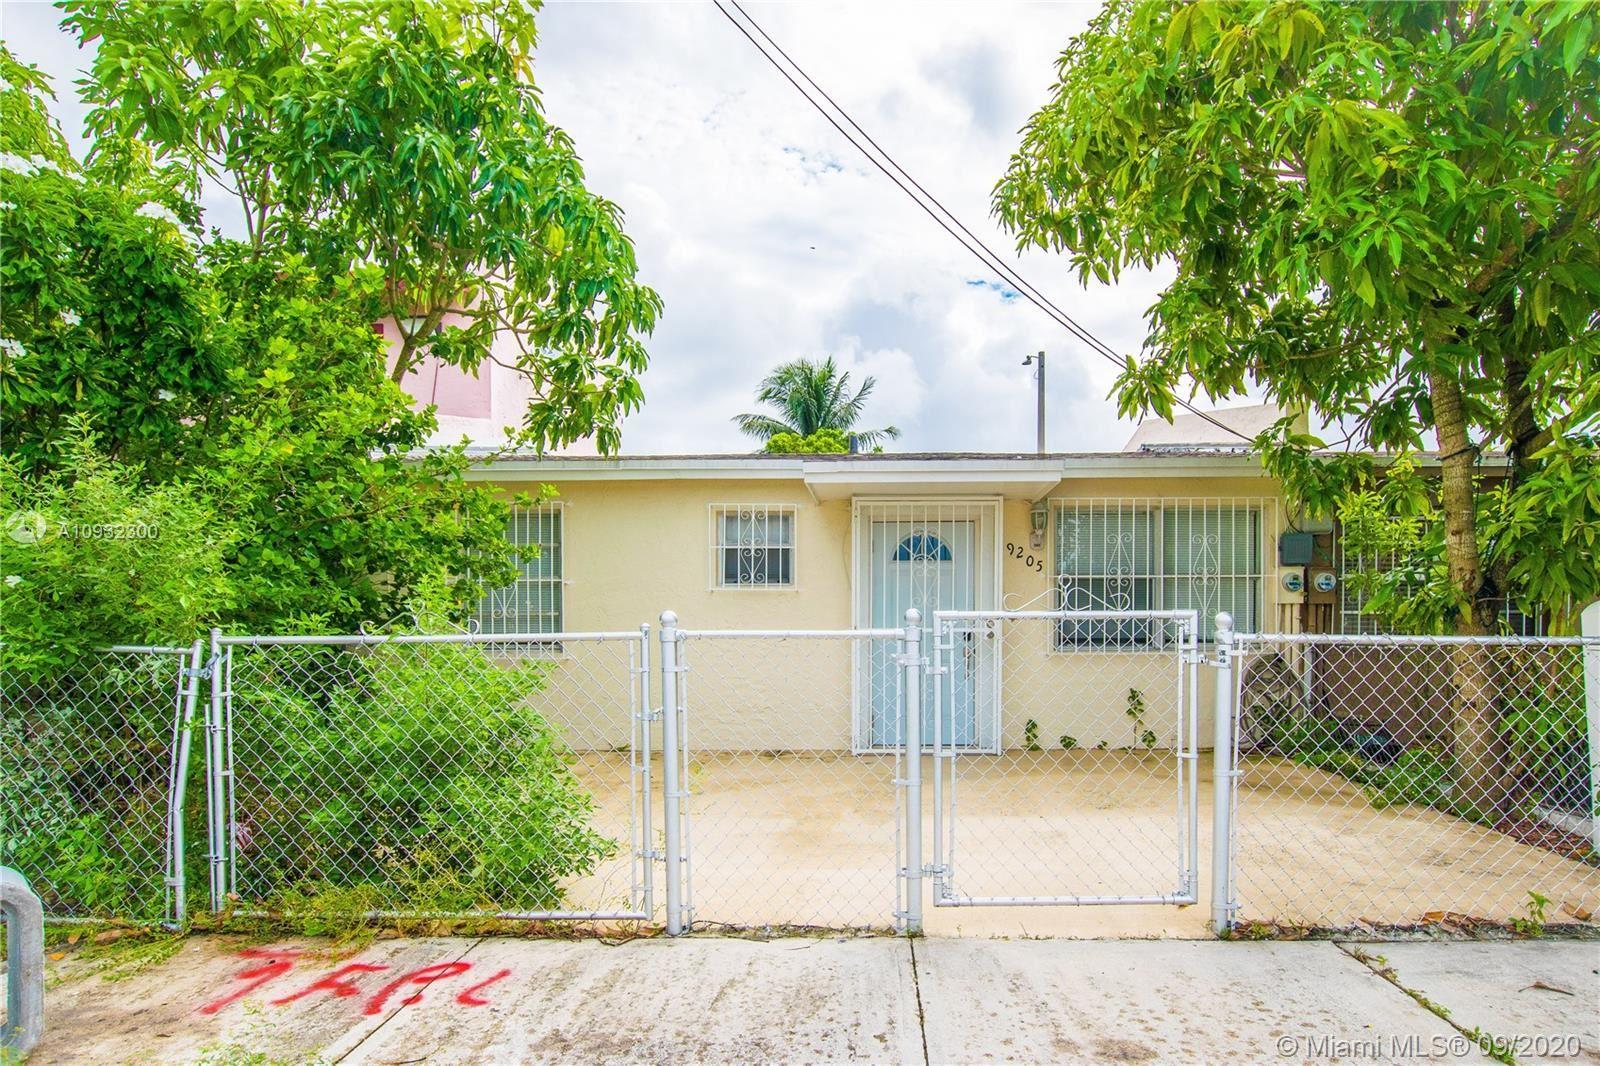 19205 NW 47th Ave #0, Miami Gardens, FL 33055 - #: A10932300